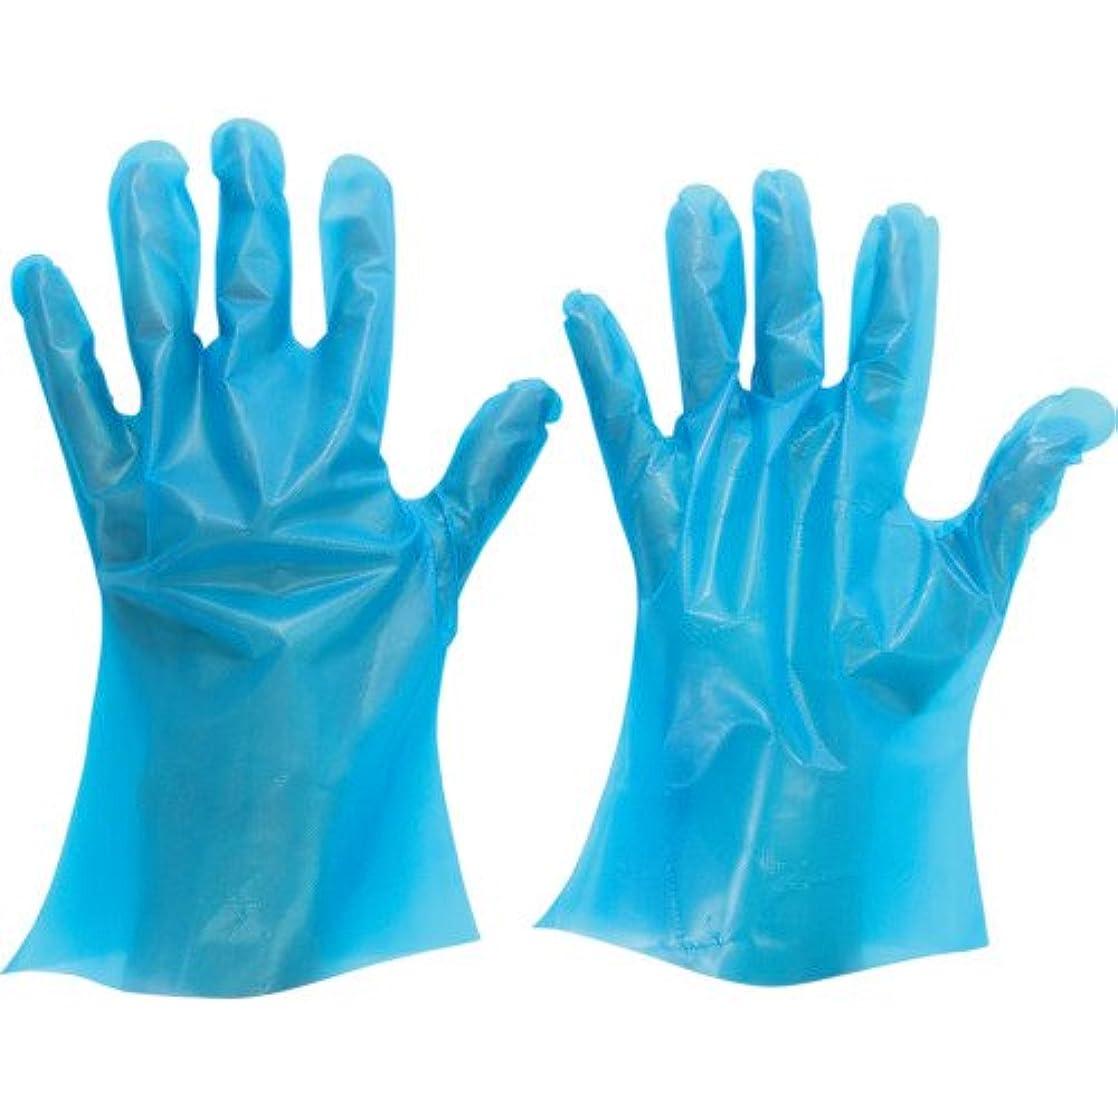 おとなしいクリープベンチミドリ安全 ポリエチレン使い捨て手袋 厚手 外エンボス 200枚入 青 L VERTE566NL